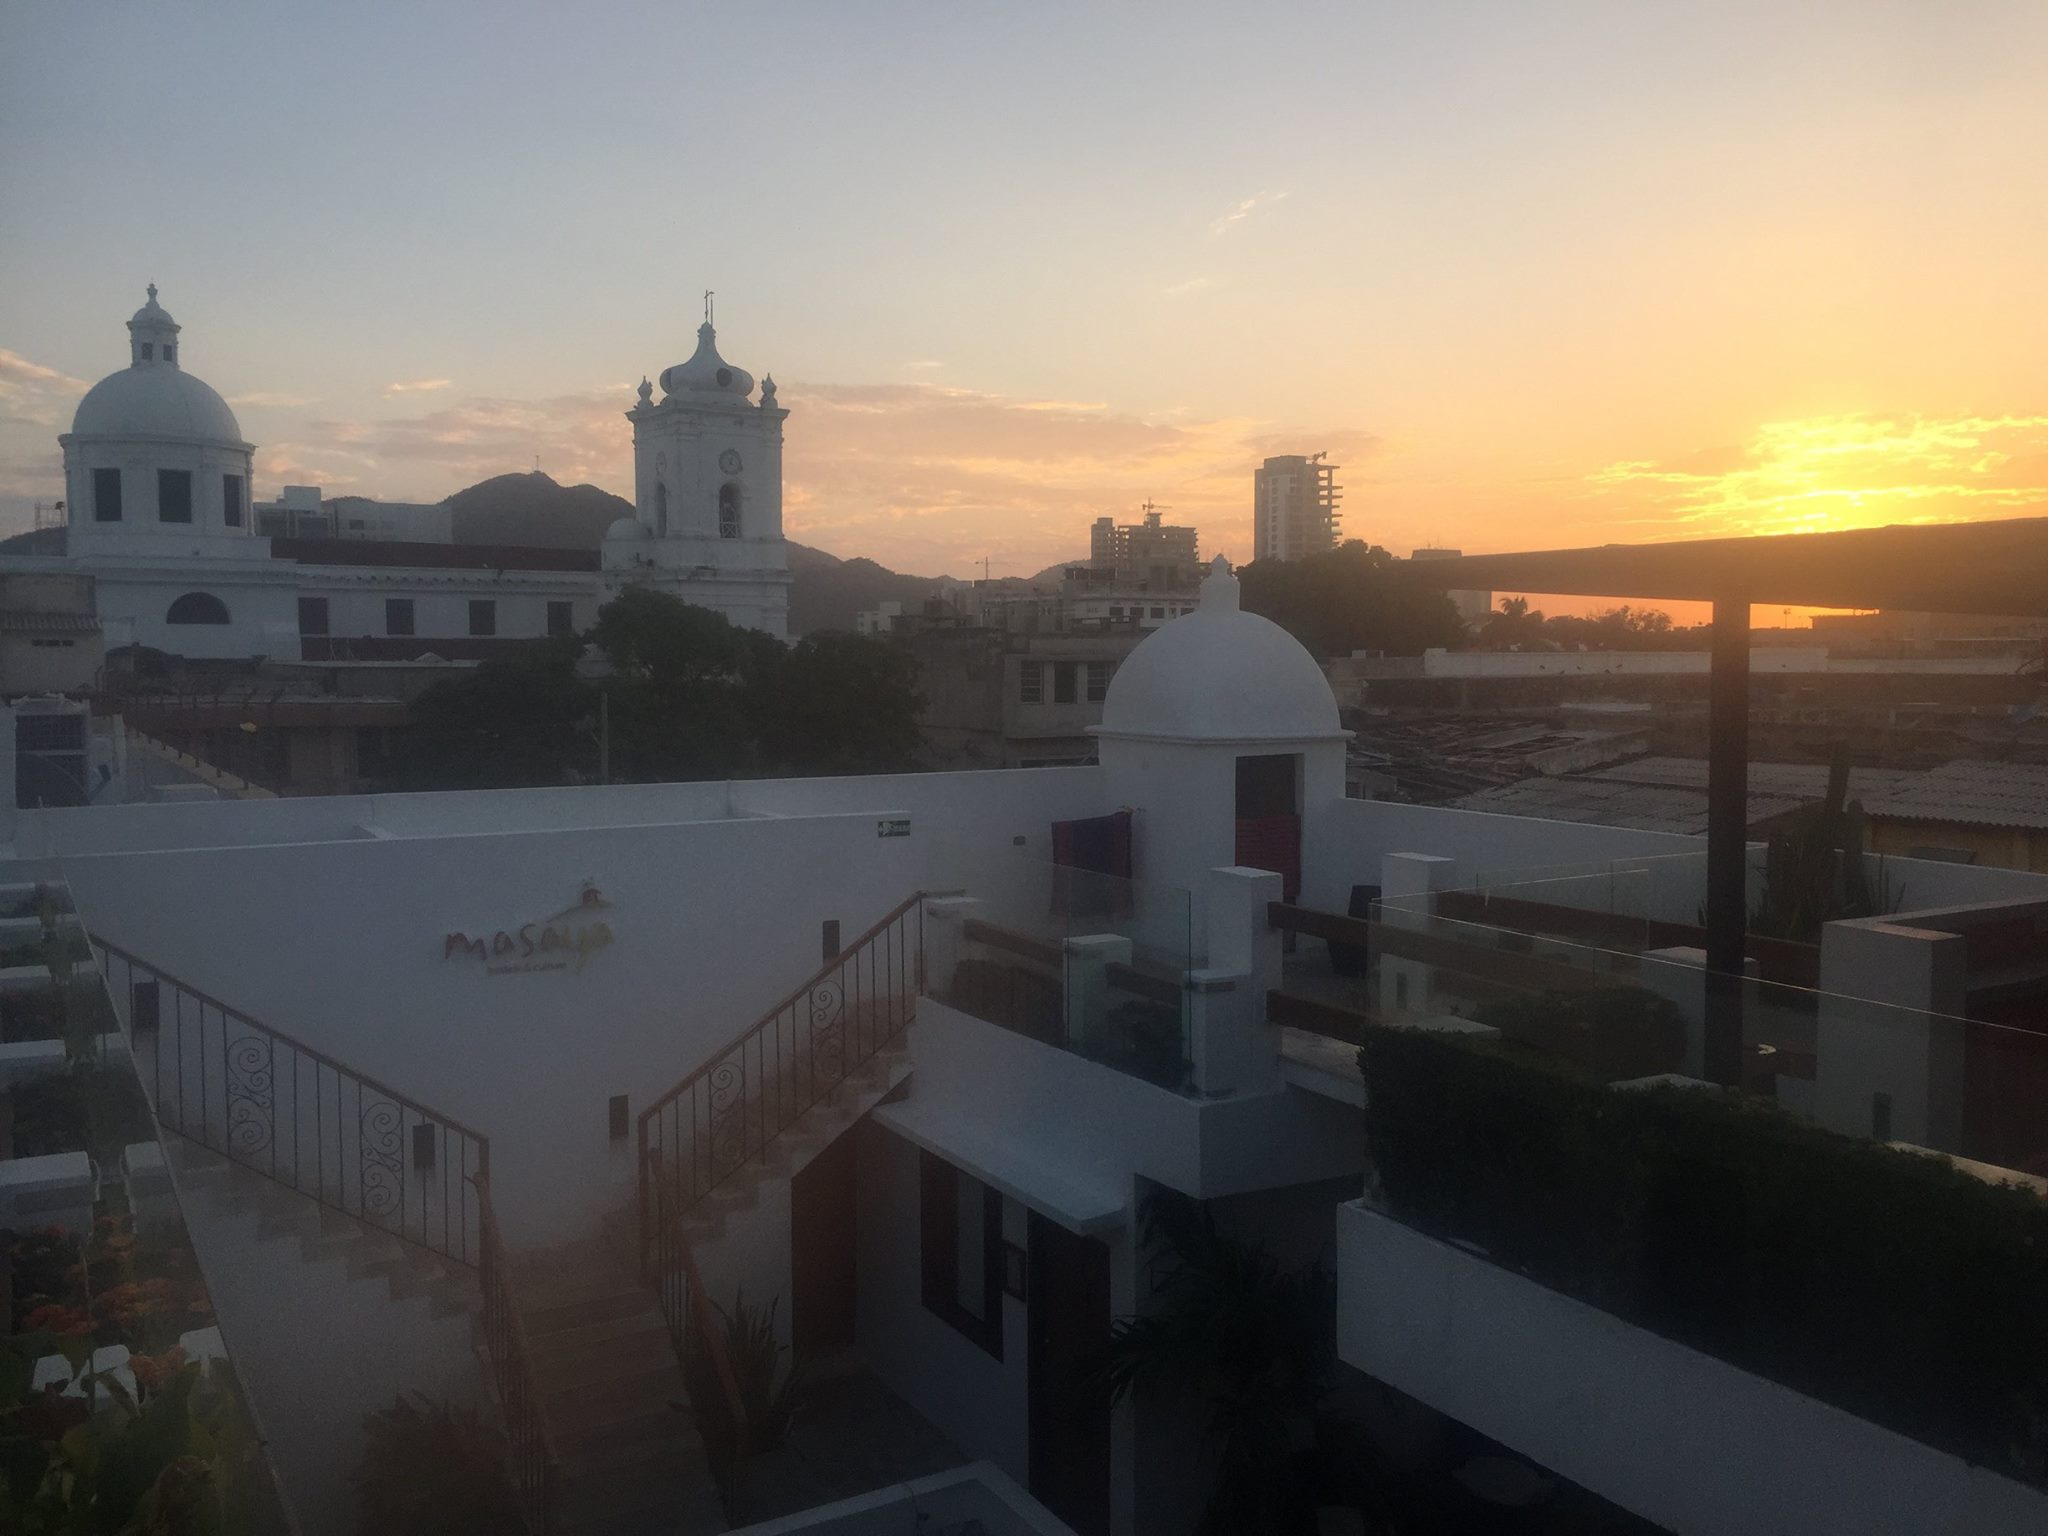 Masaya Hostel overlooking the Sierra Nevada de Santa Marta at dusk.